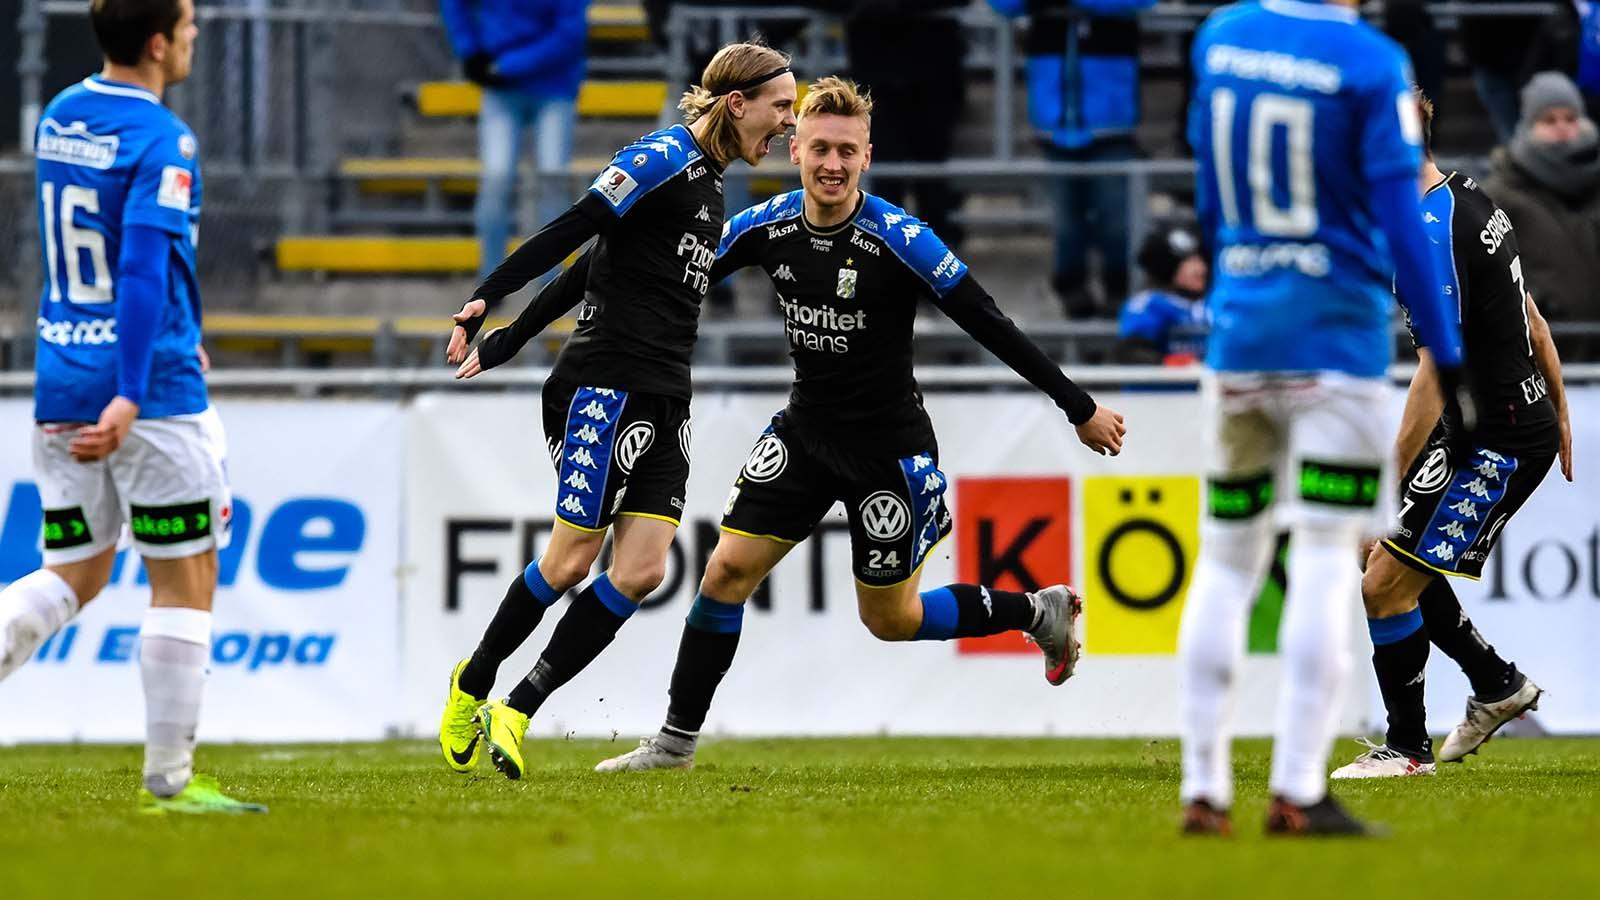 180401 IFK Göteborgs Elias Mar Omarsson och Sebastian Ohlsson jublar efter 1-2 under fotbollsmatchen i Allsvenskan mellan Trelleborg och IFK Göteborg den 1 april 2018 i Trelleborg. Foto: Petter Arvidson / BILDBYRÅN / kod PA / 92013